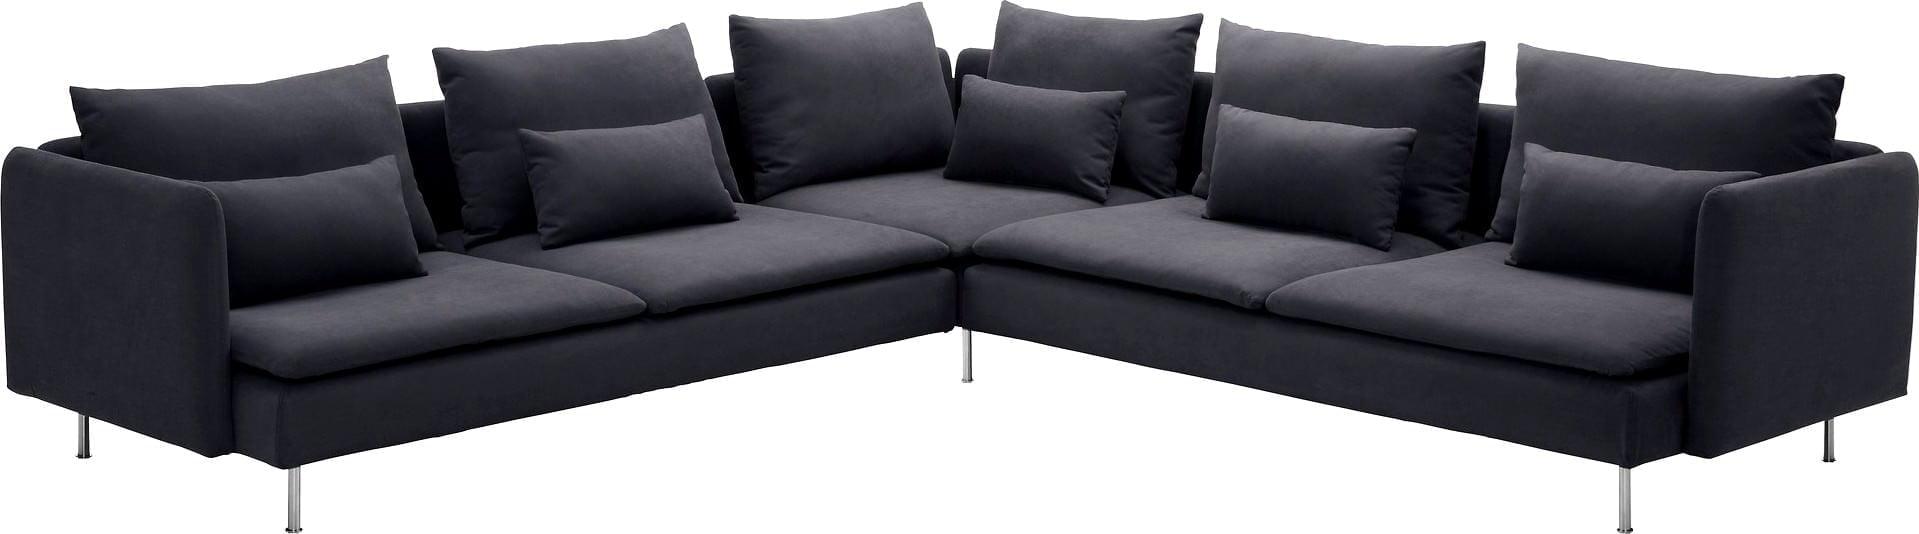 Yağmur mobilya köşe koltuk modelleri 5